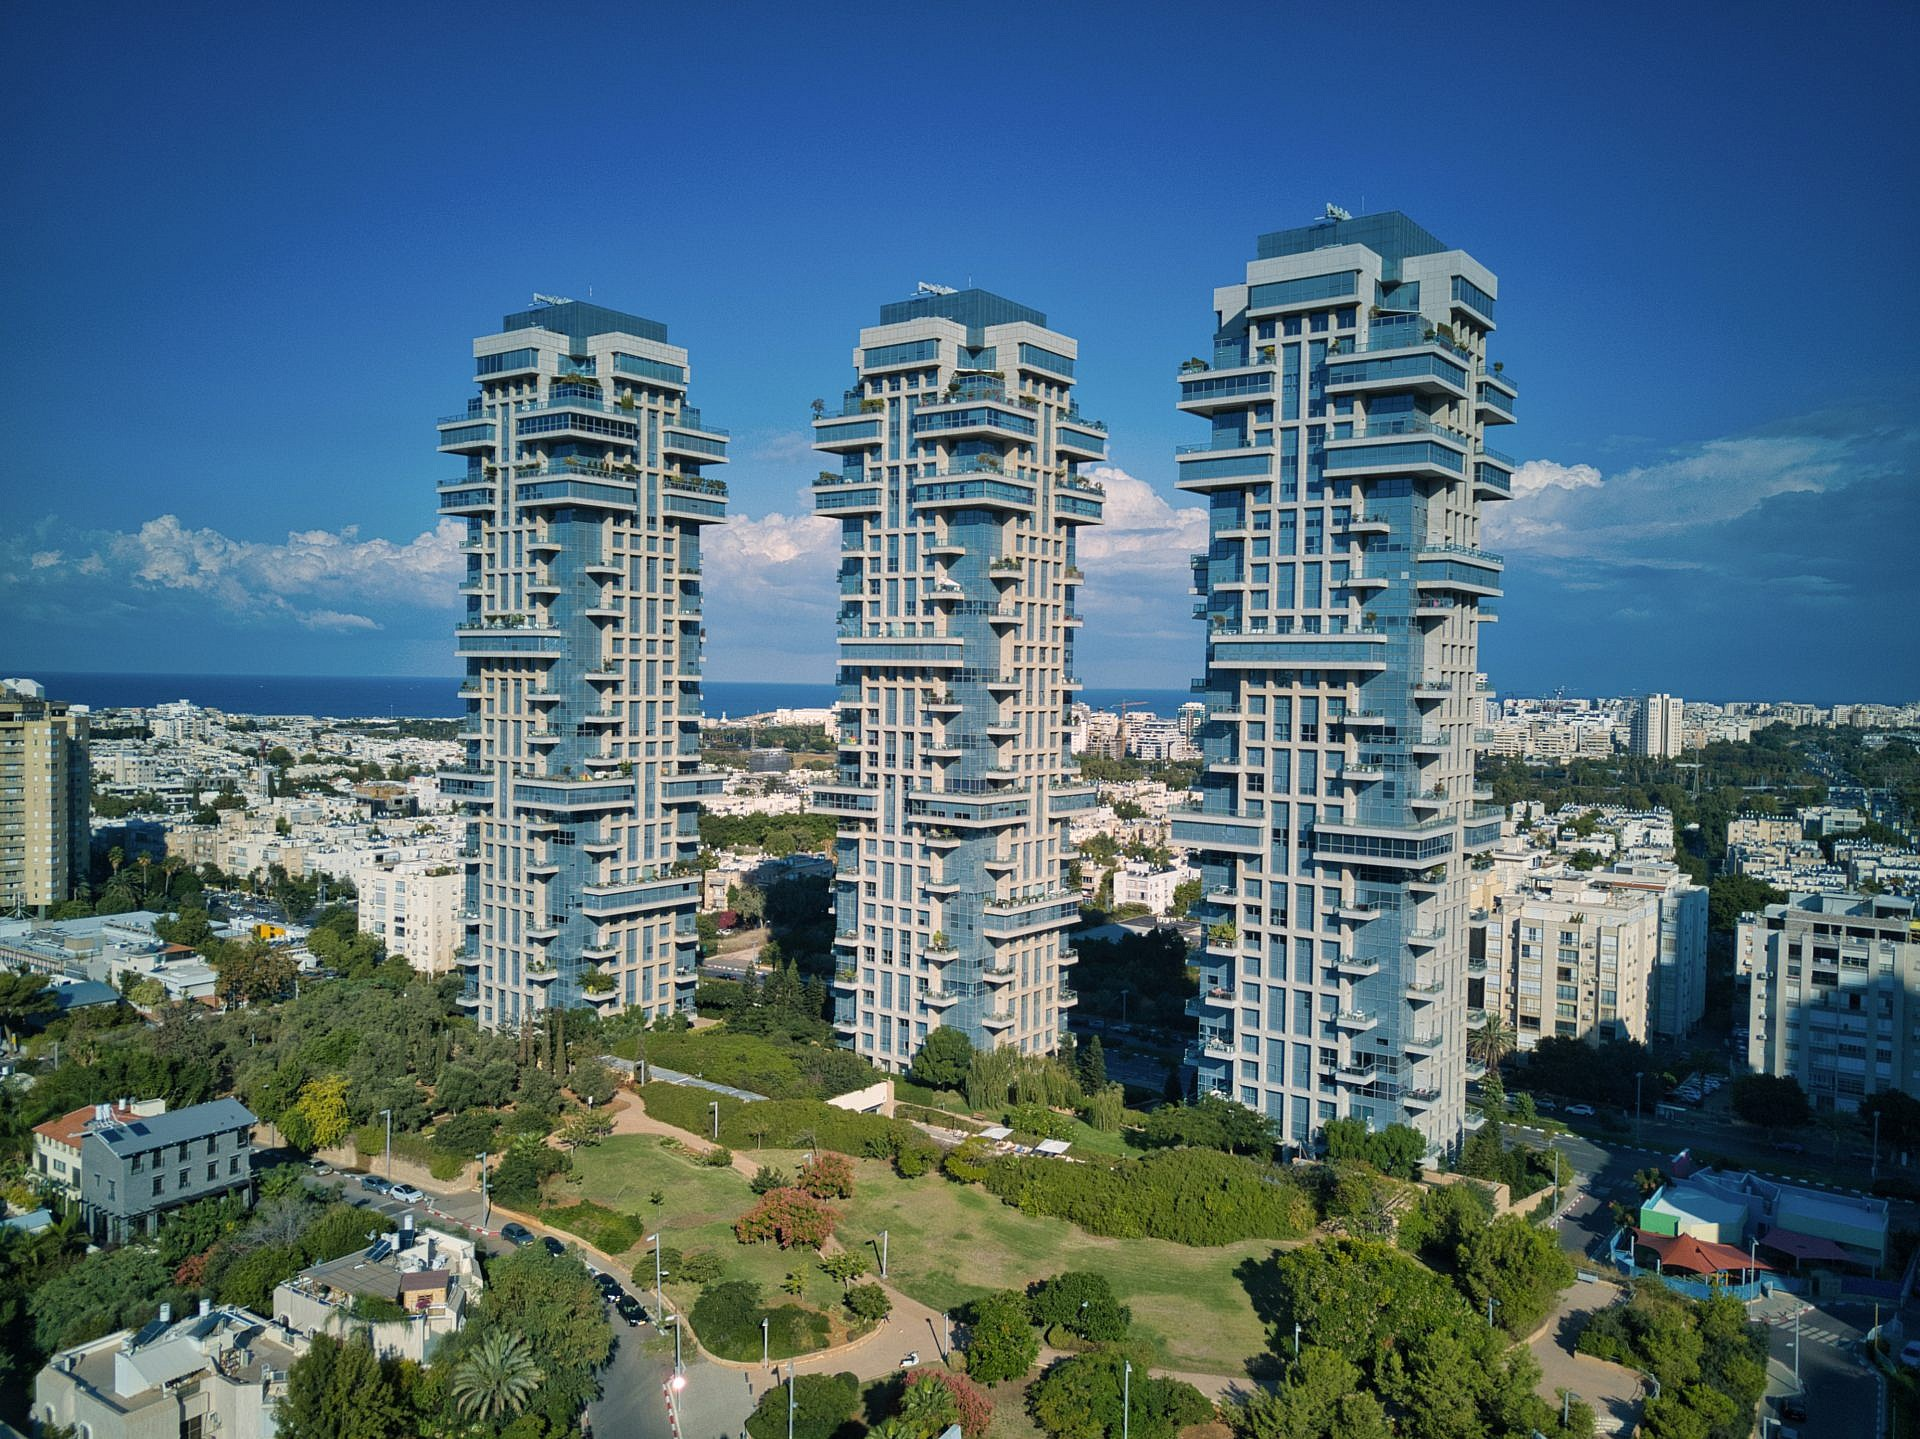 העתיד של תל אביב. מגדלי אקירוב (צילום: Shutterstock)